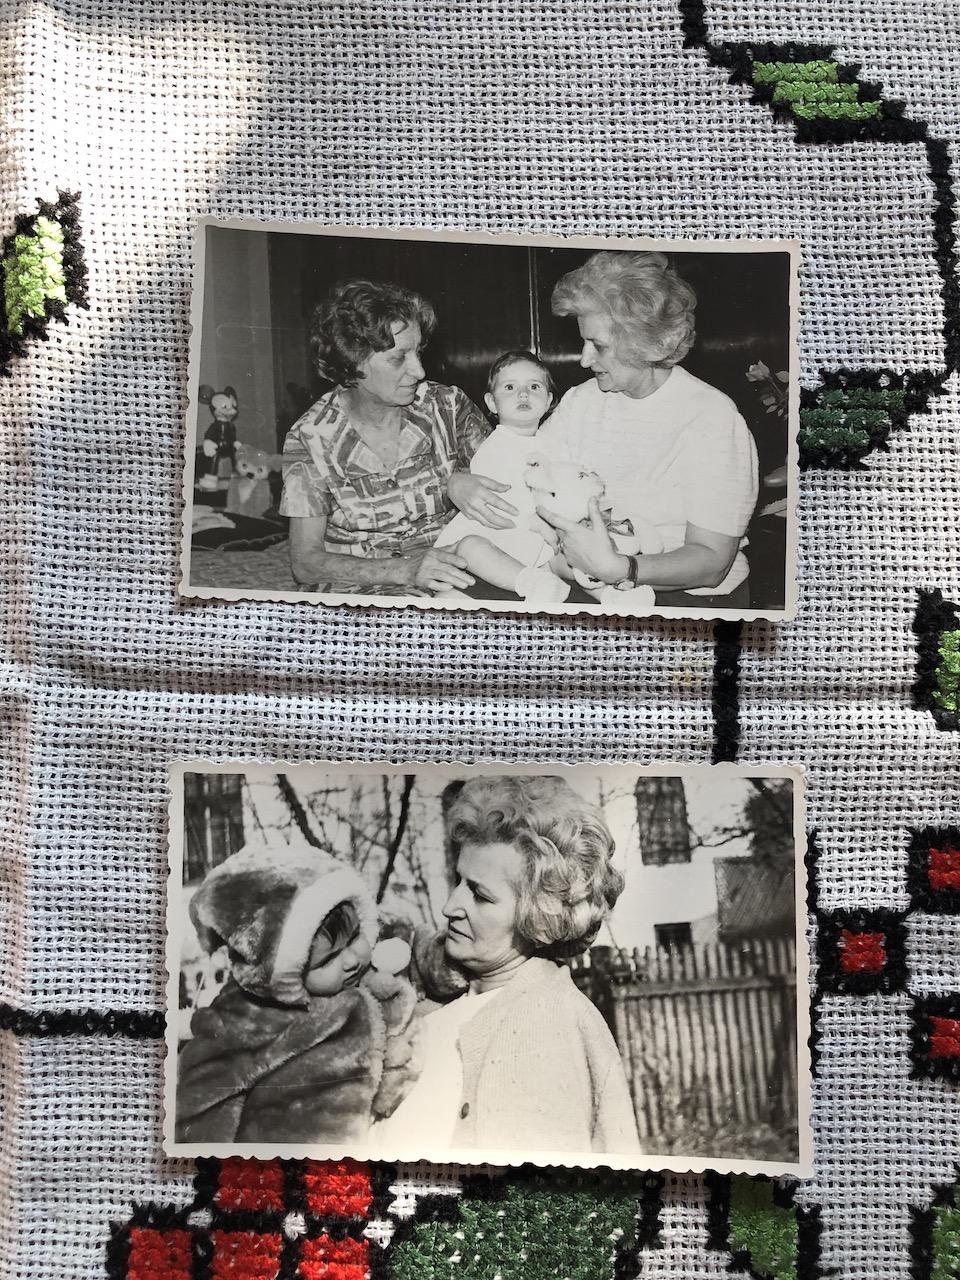 cu bunica paterna si mamaie